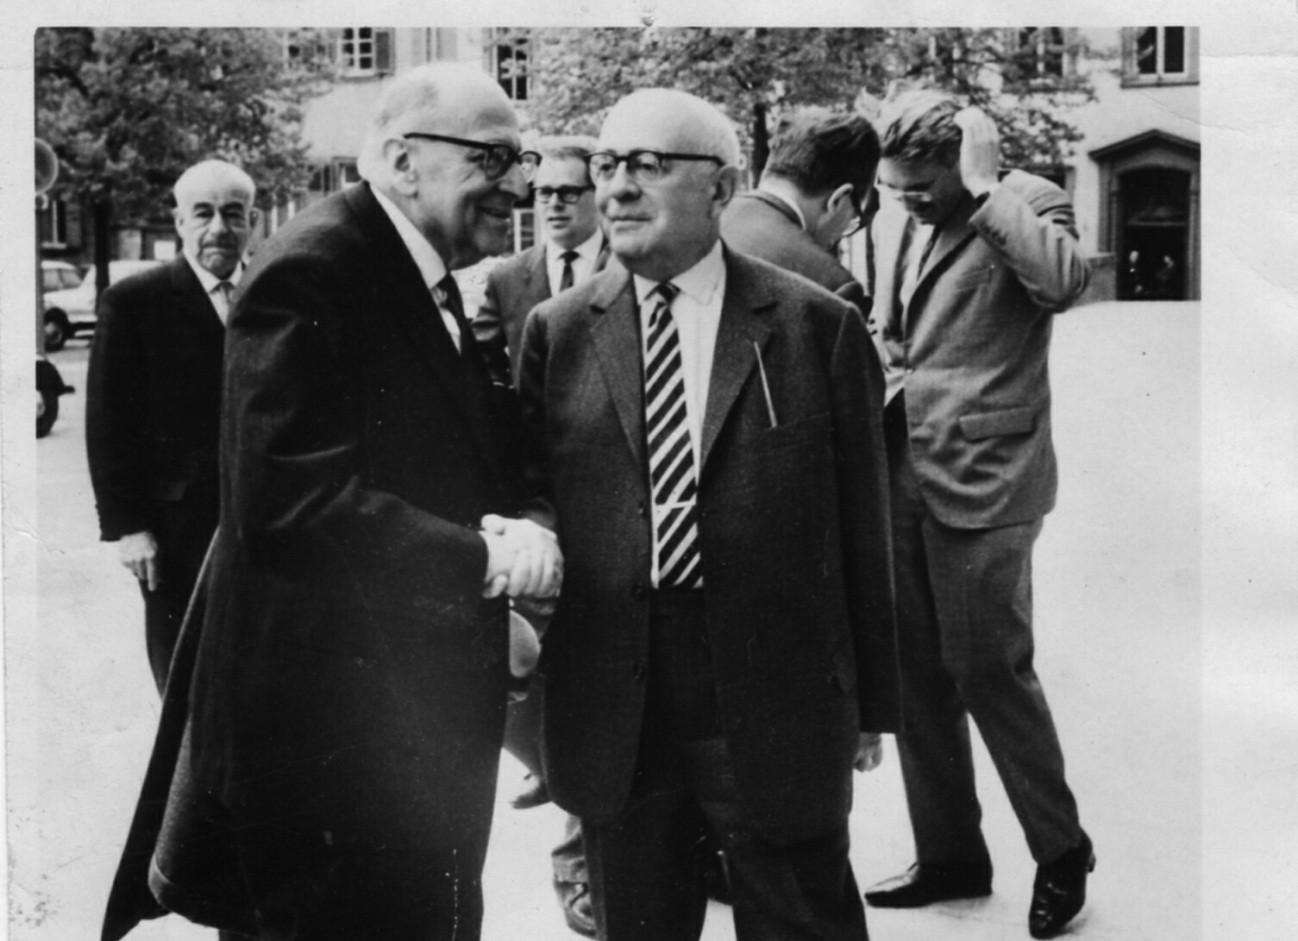 Adorno, Horkheimer, Escola de Frankfurt - Indústria Cultural